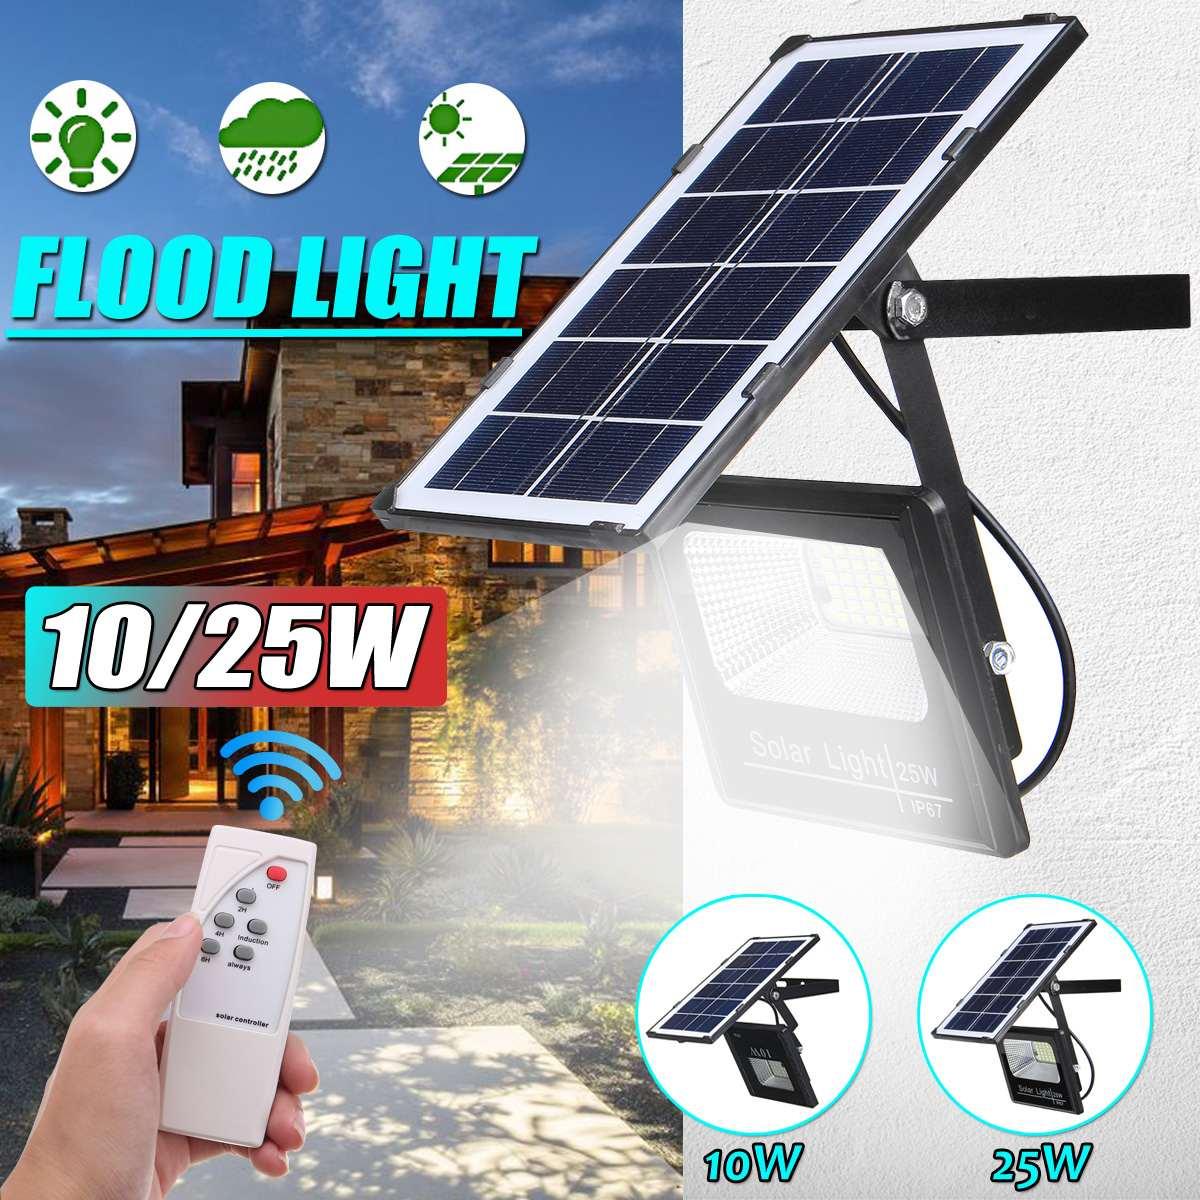 10/25W güneş ışıldak Led taşınabilir spot projektör açık cadde ve bahçe aydınlatma su geçirmez duvar lambası uzaktan kumanda ile